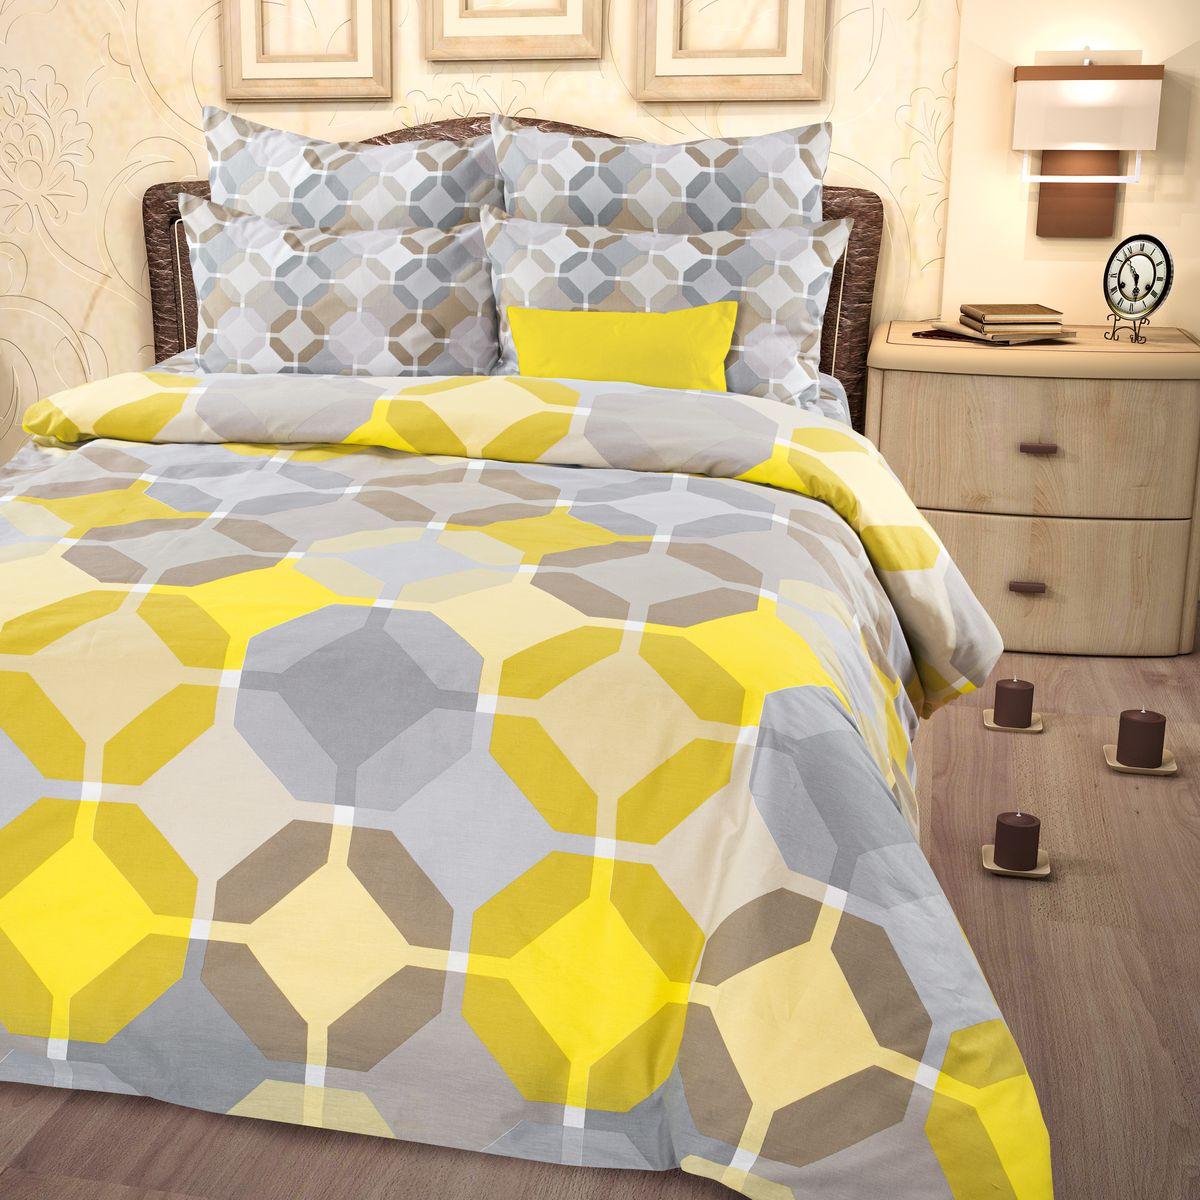 Комплект белья Roberto Rioni Sanremo, семейный, наволочки 50 x 70, цвет: серый. 276406276406